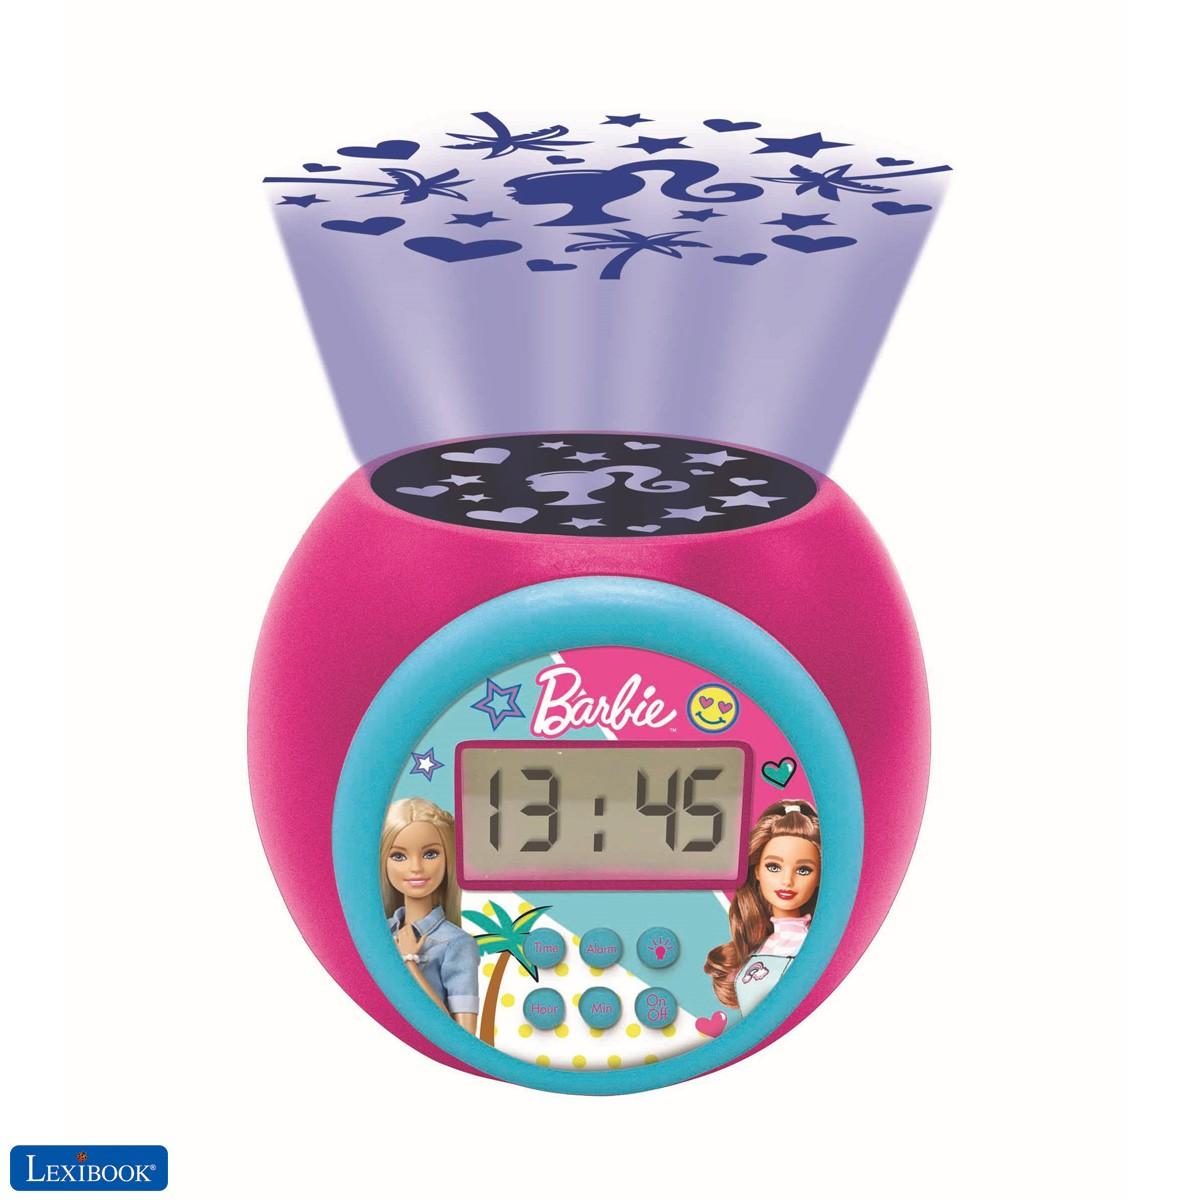 Sveglia con proiettore Barbie con funzione snooze